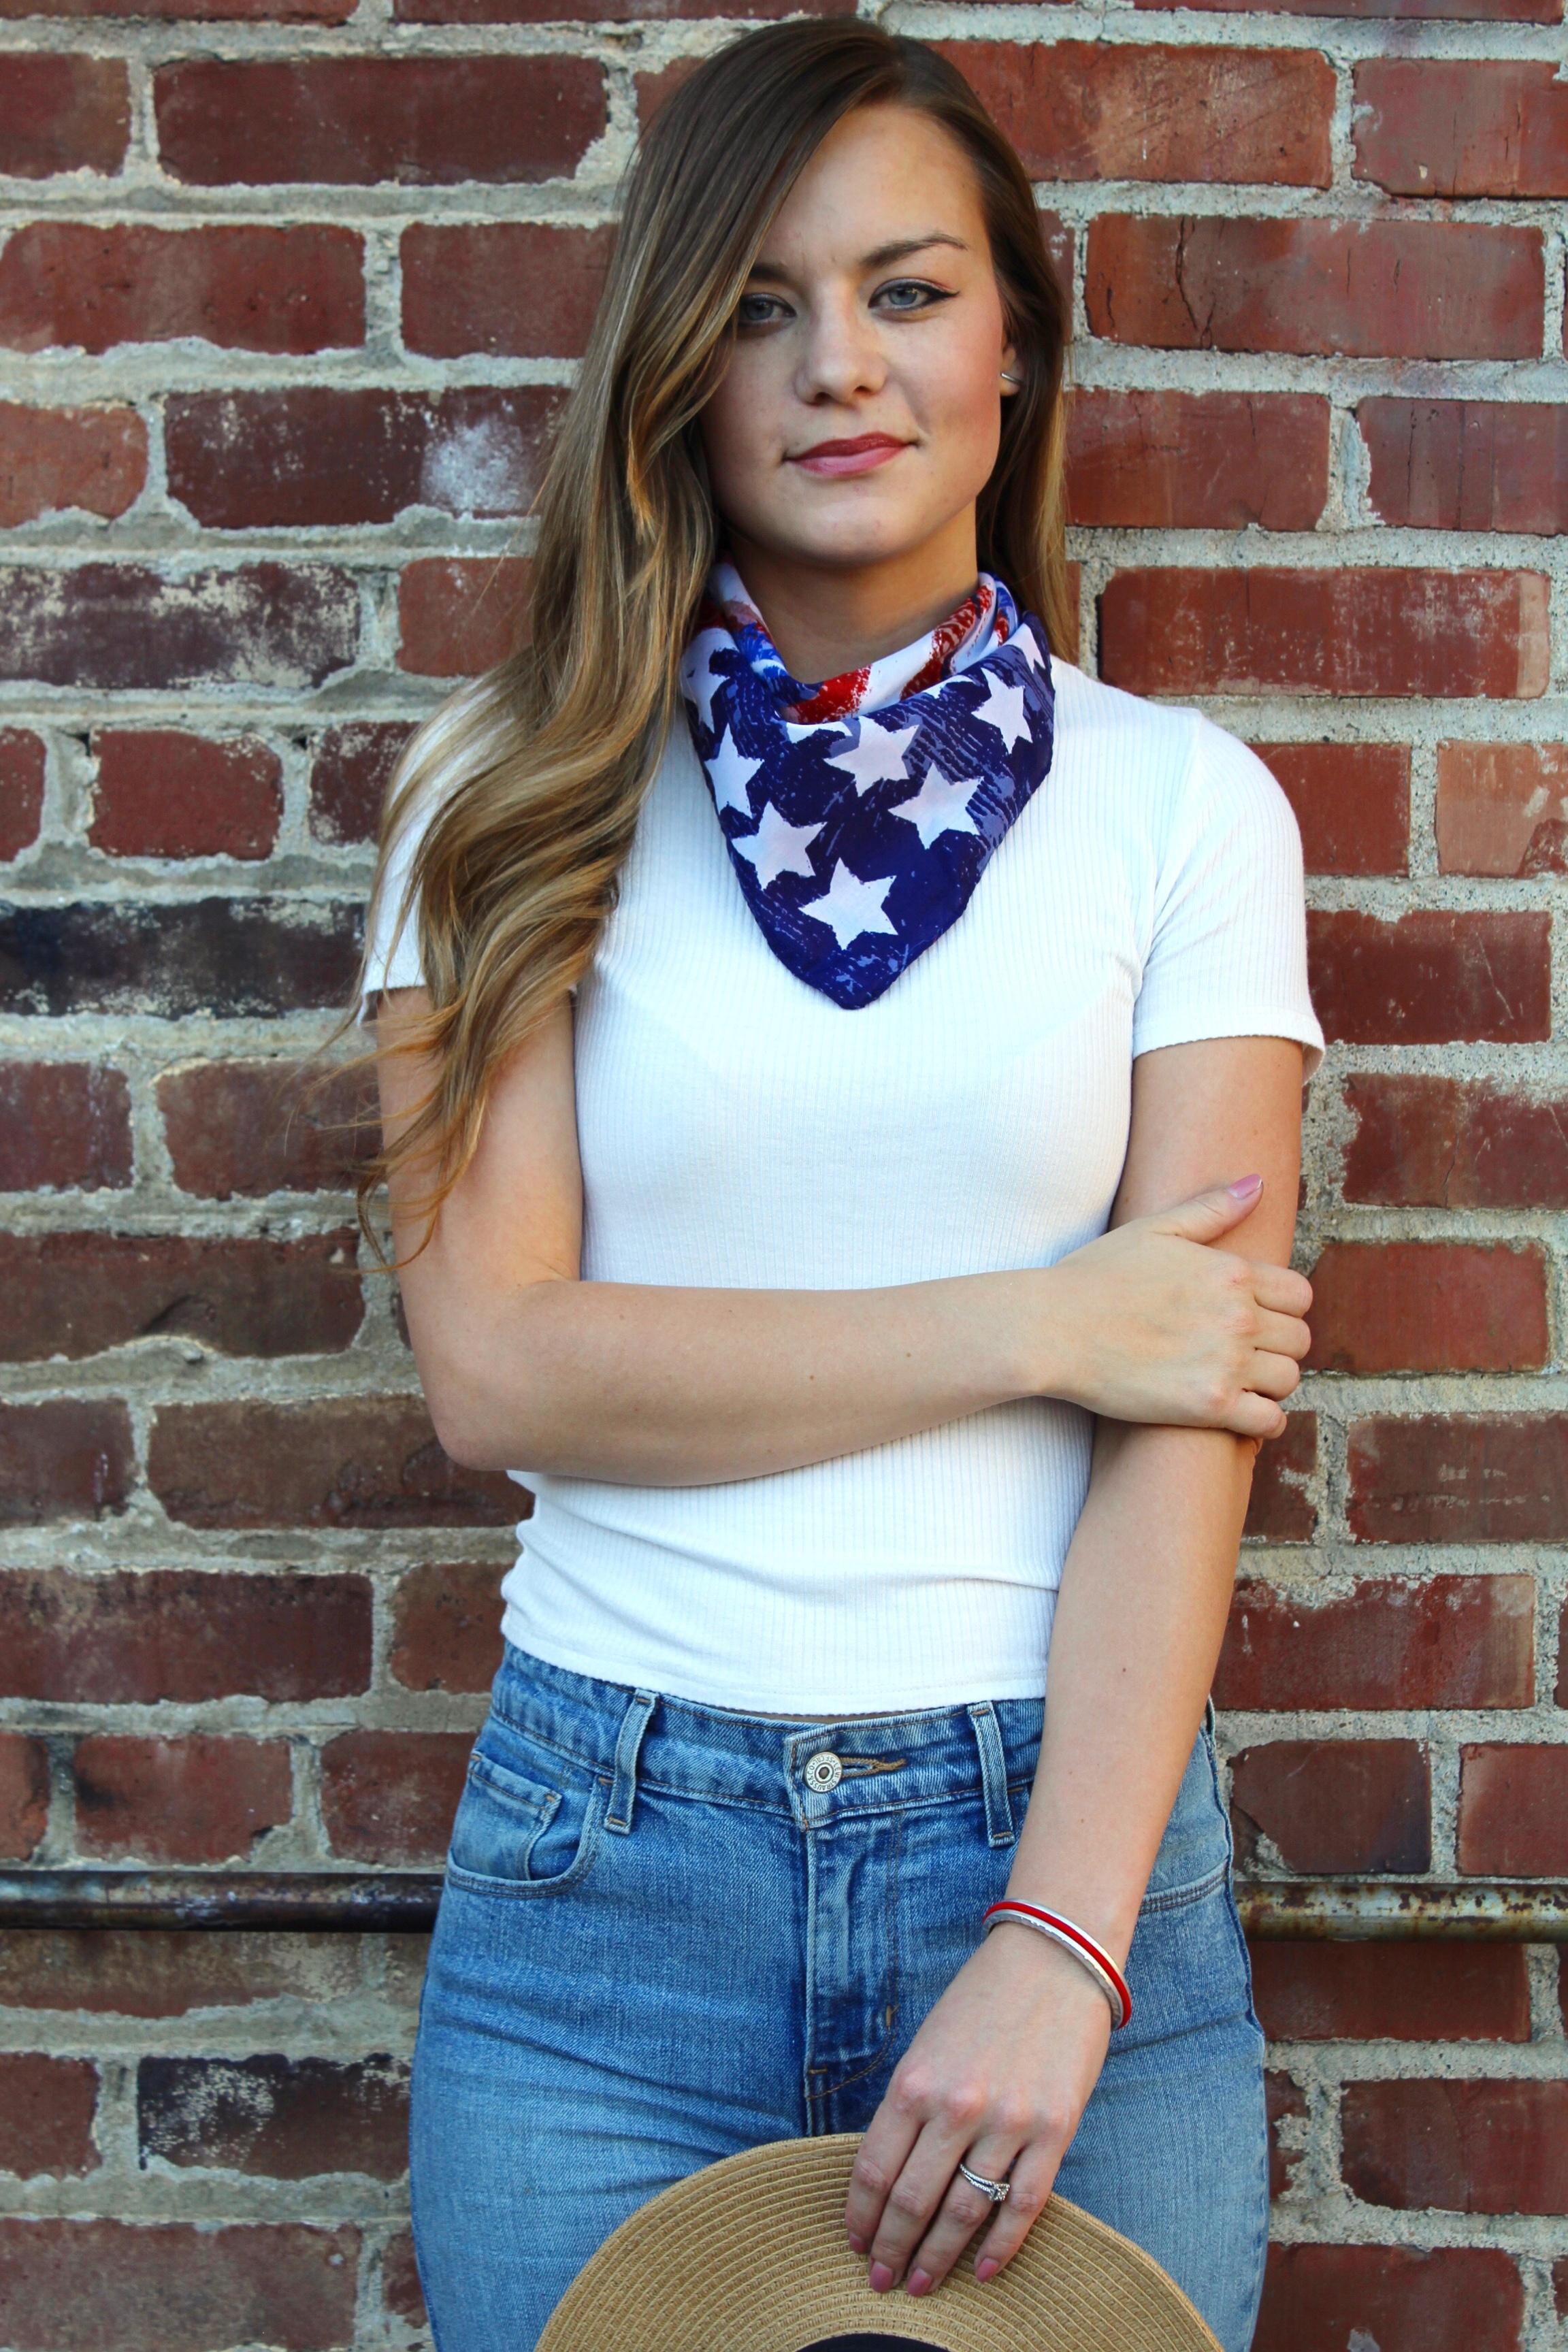 American Flag Bandana and White Basic Tee